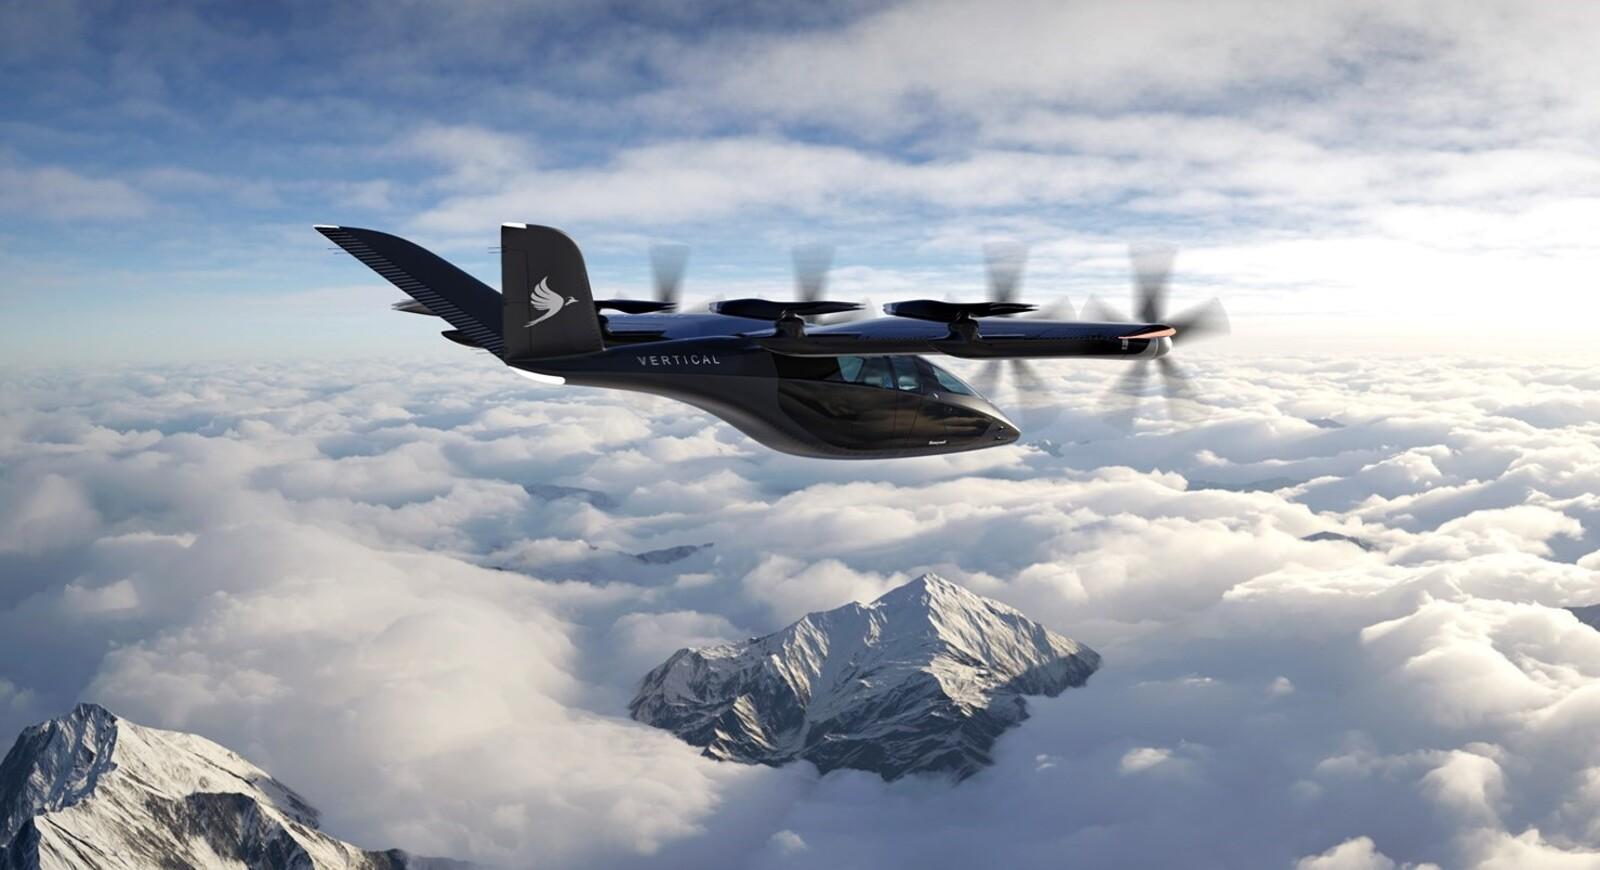 Les compagnies aériennes prévoient d'investir massivement dans les taxis volants